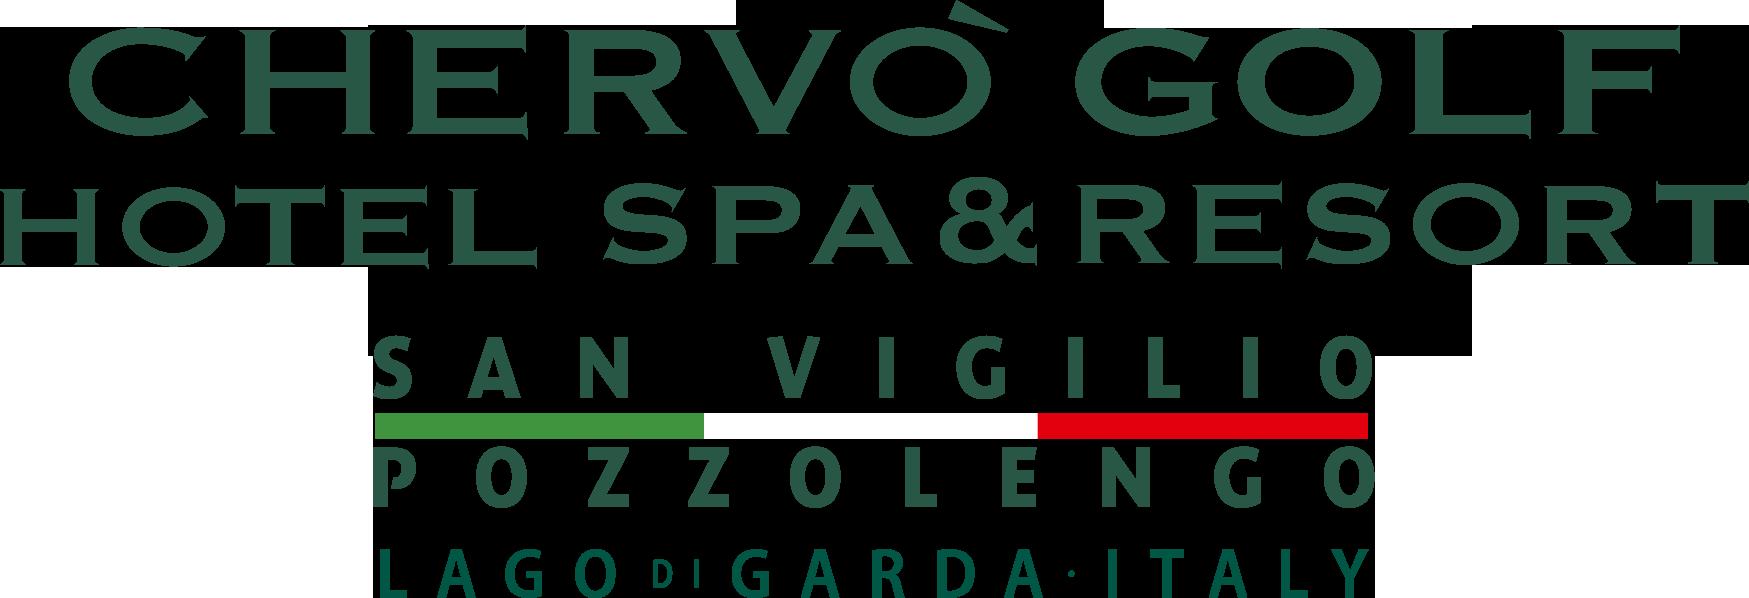 Chervò Golf San Vigilio Estates on Lake Garda